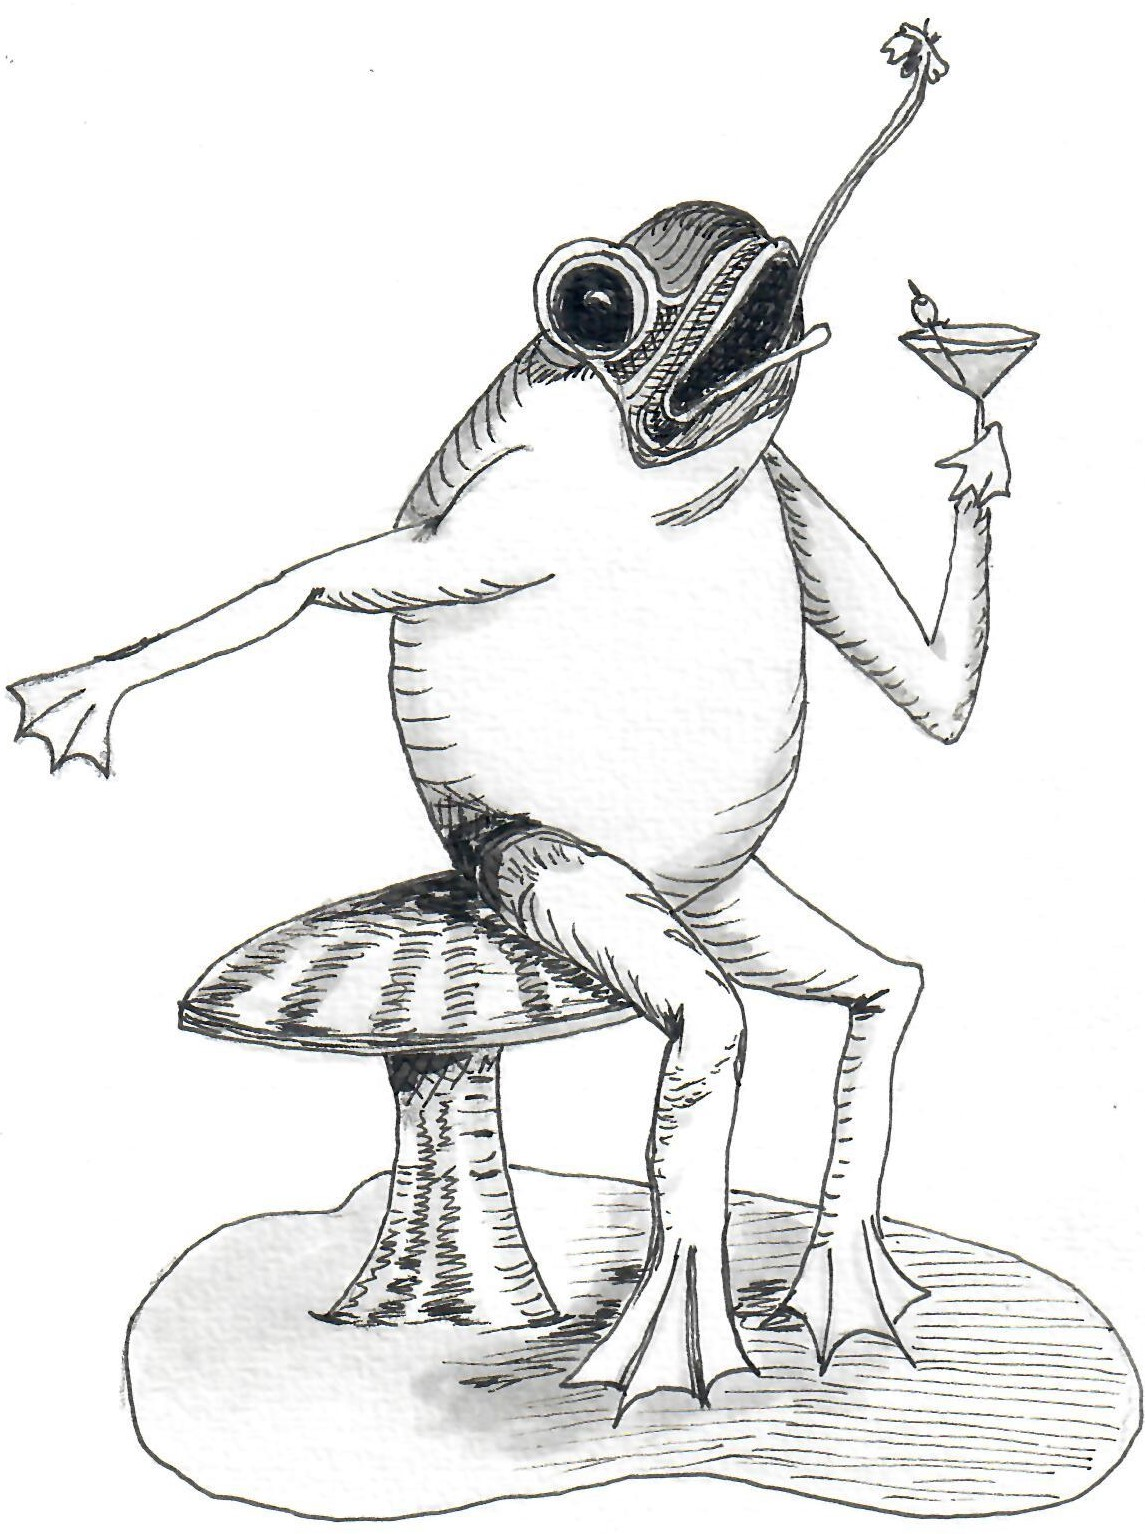 Toad in Ink1.jpg